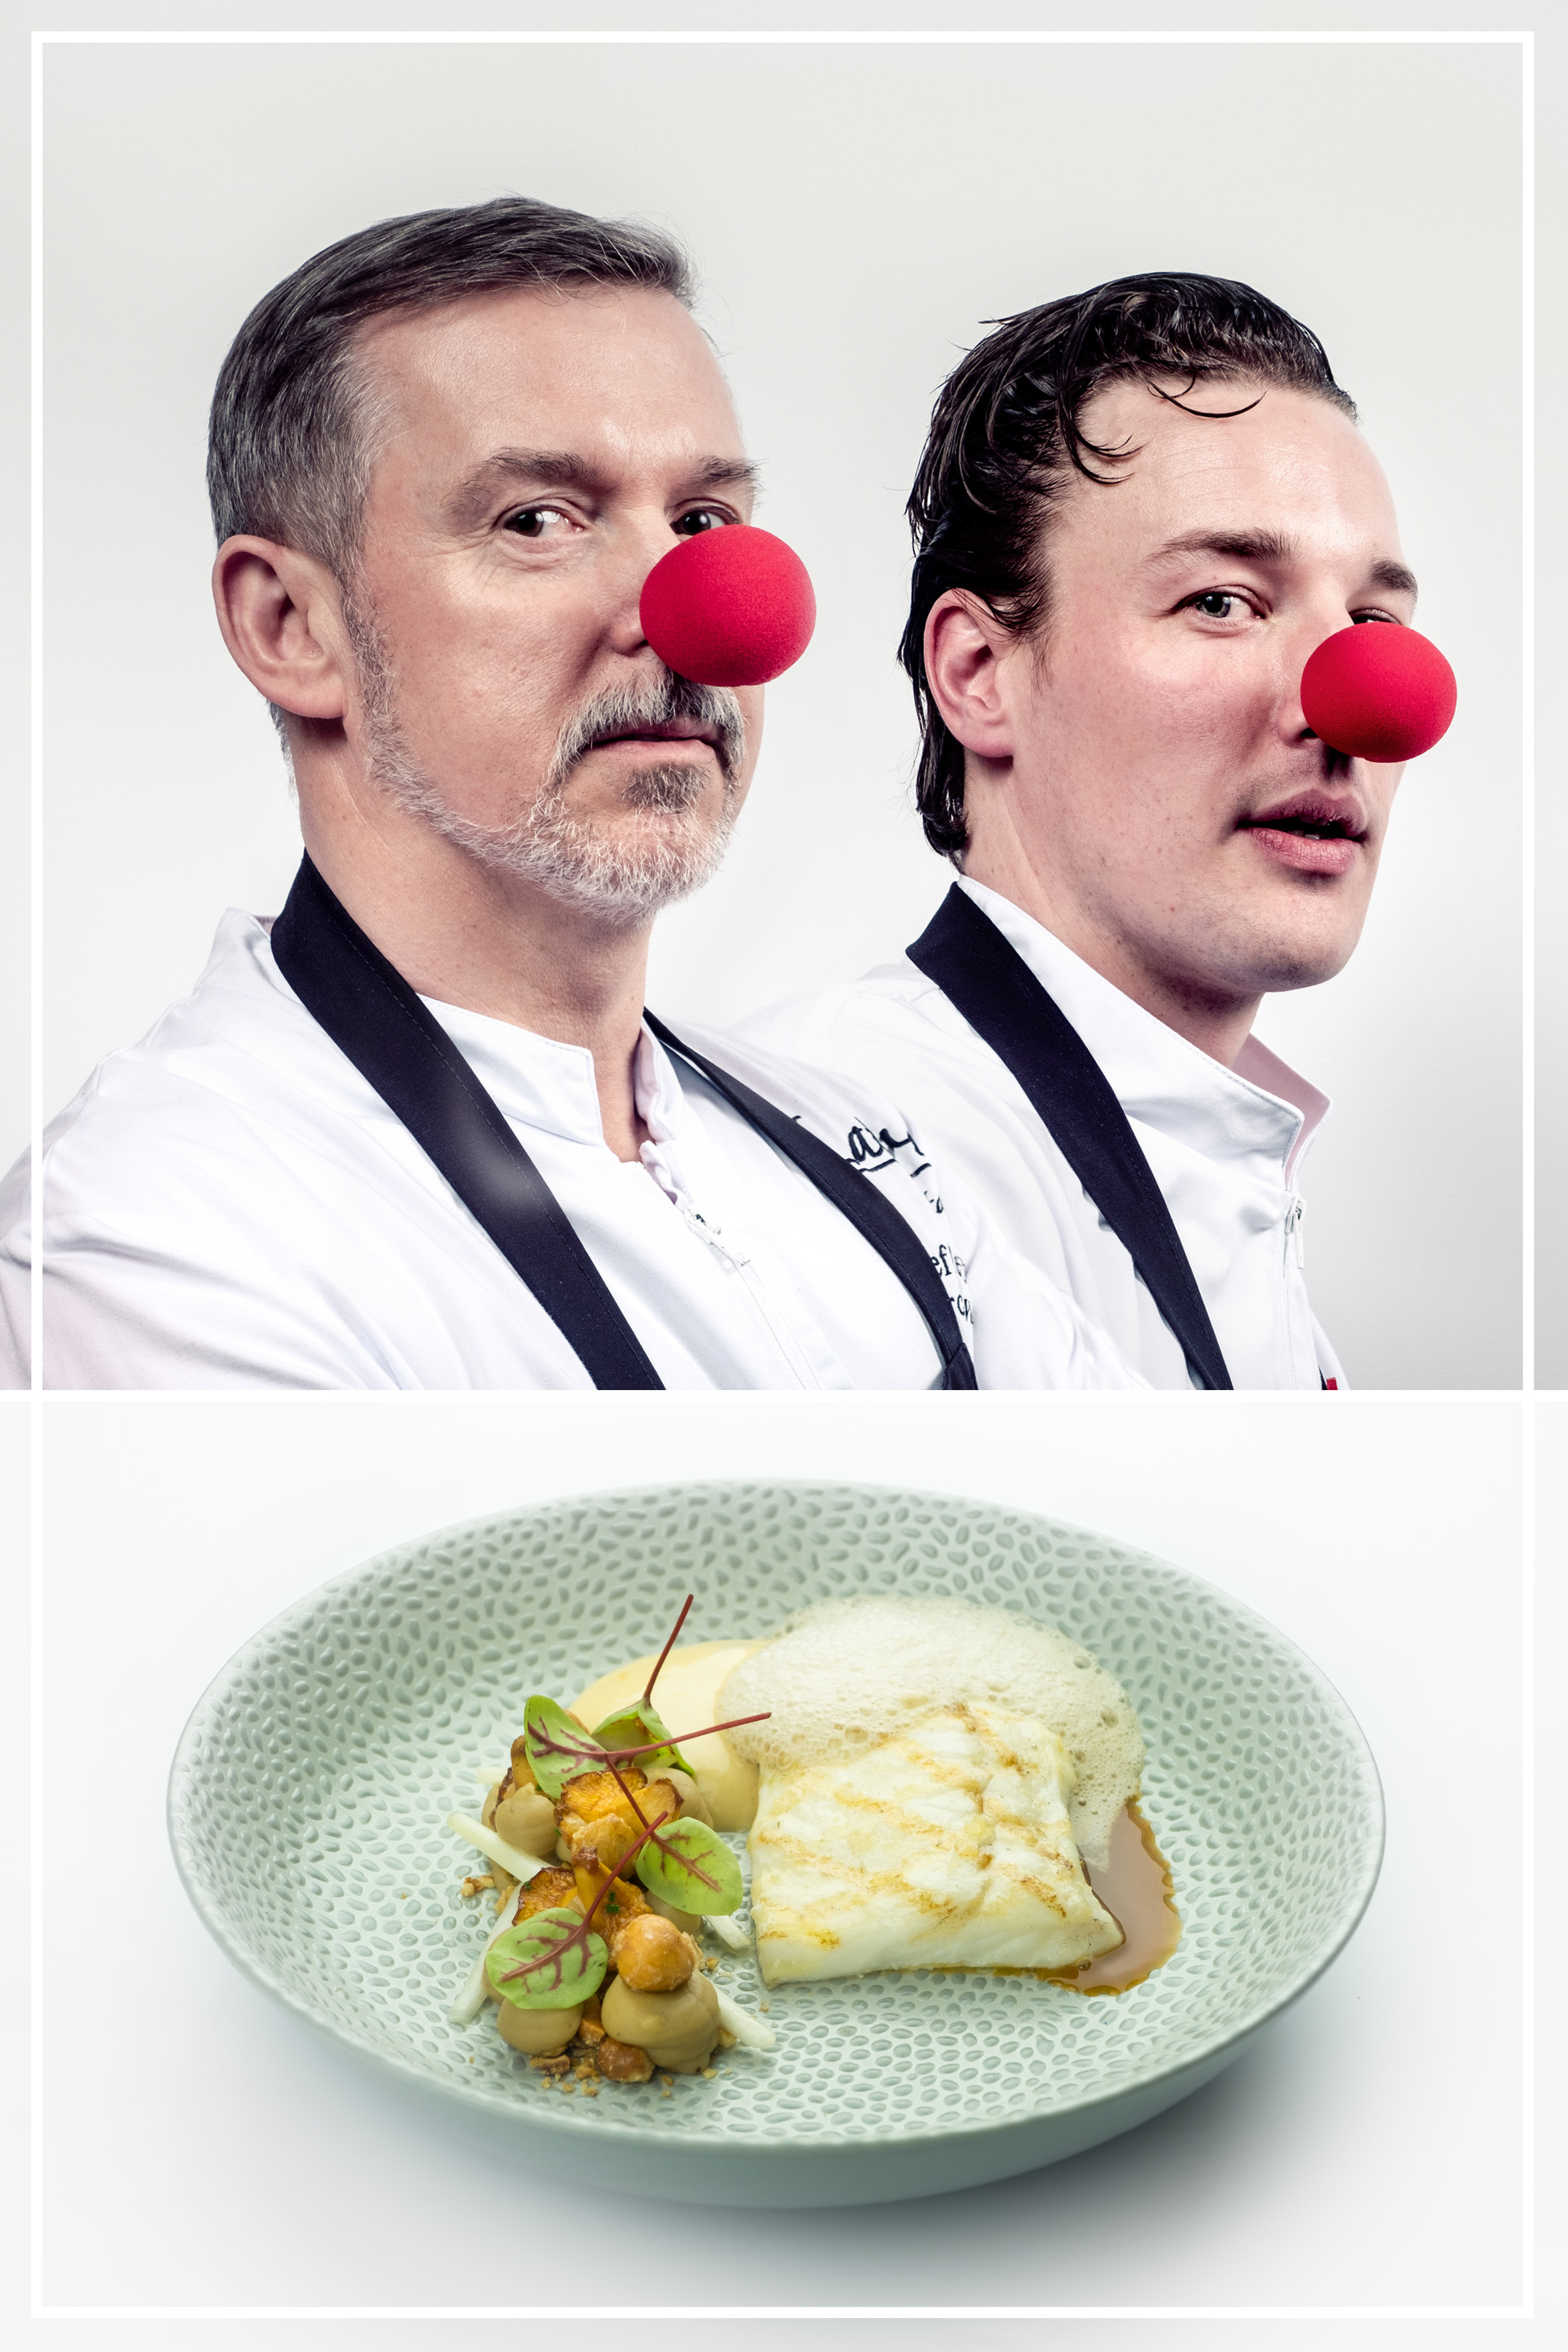 Marcel van lier + Maurits